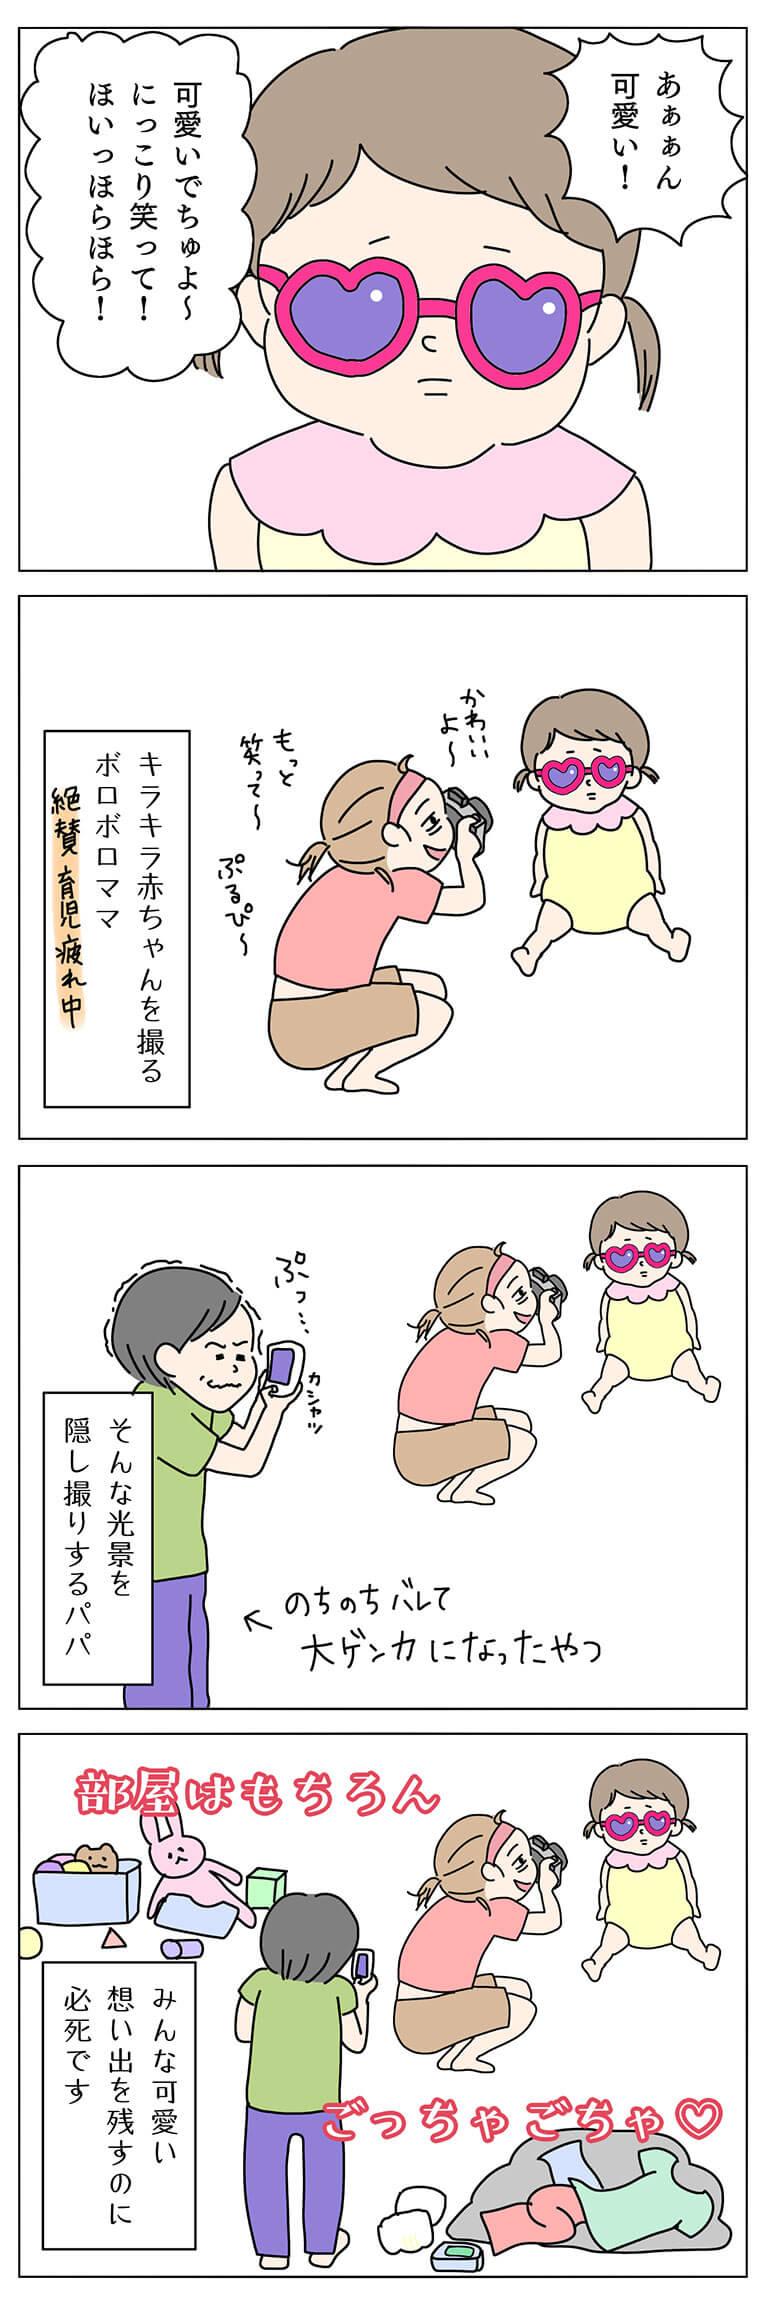 赤ちゃんの写真ポーズの子育て4コマ漫画